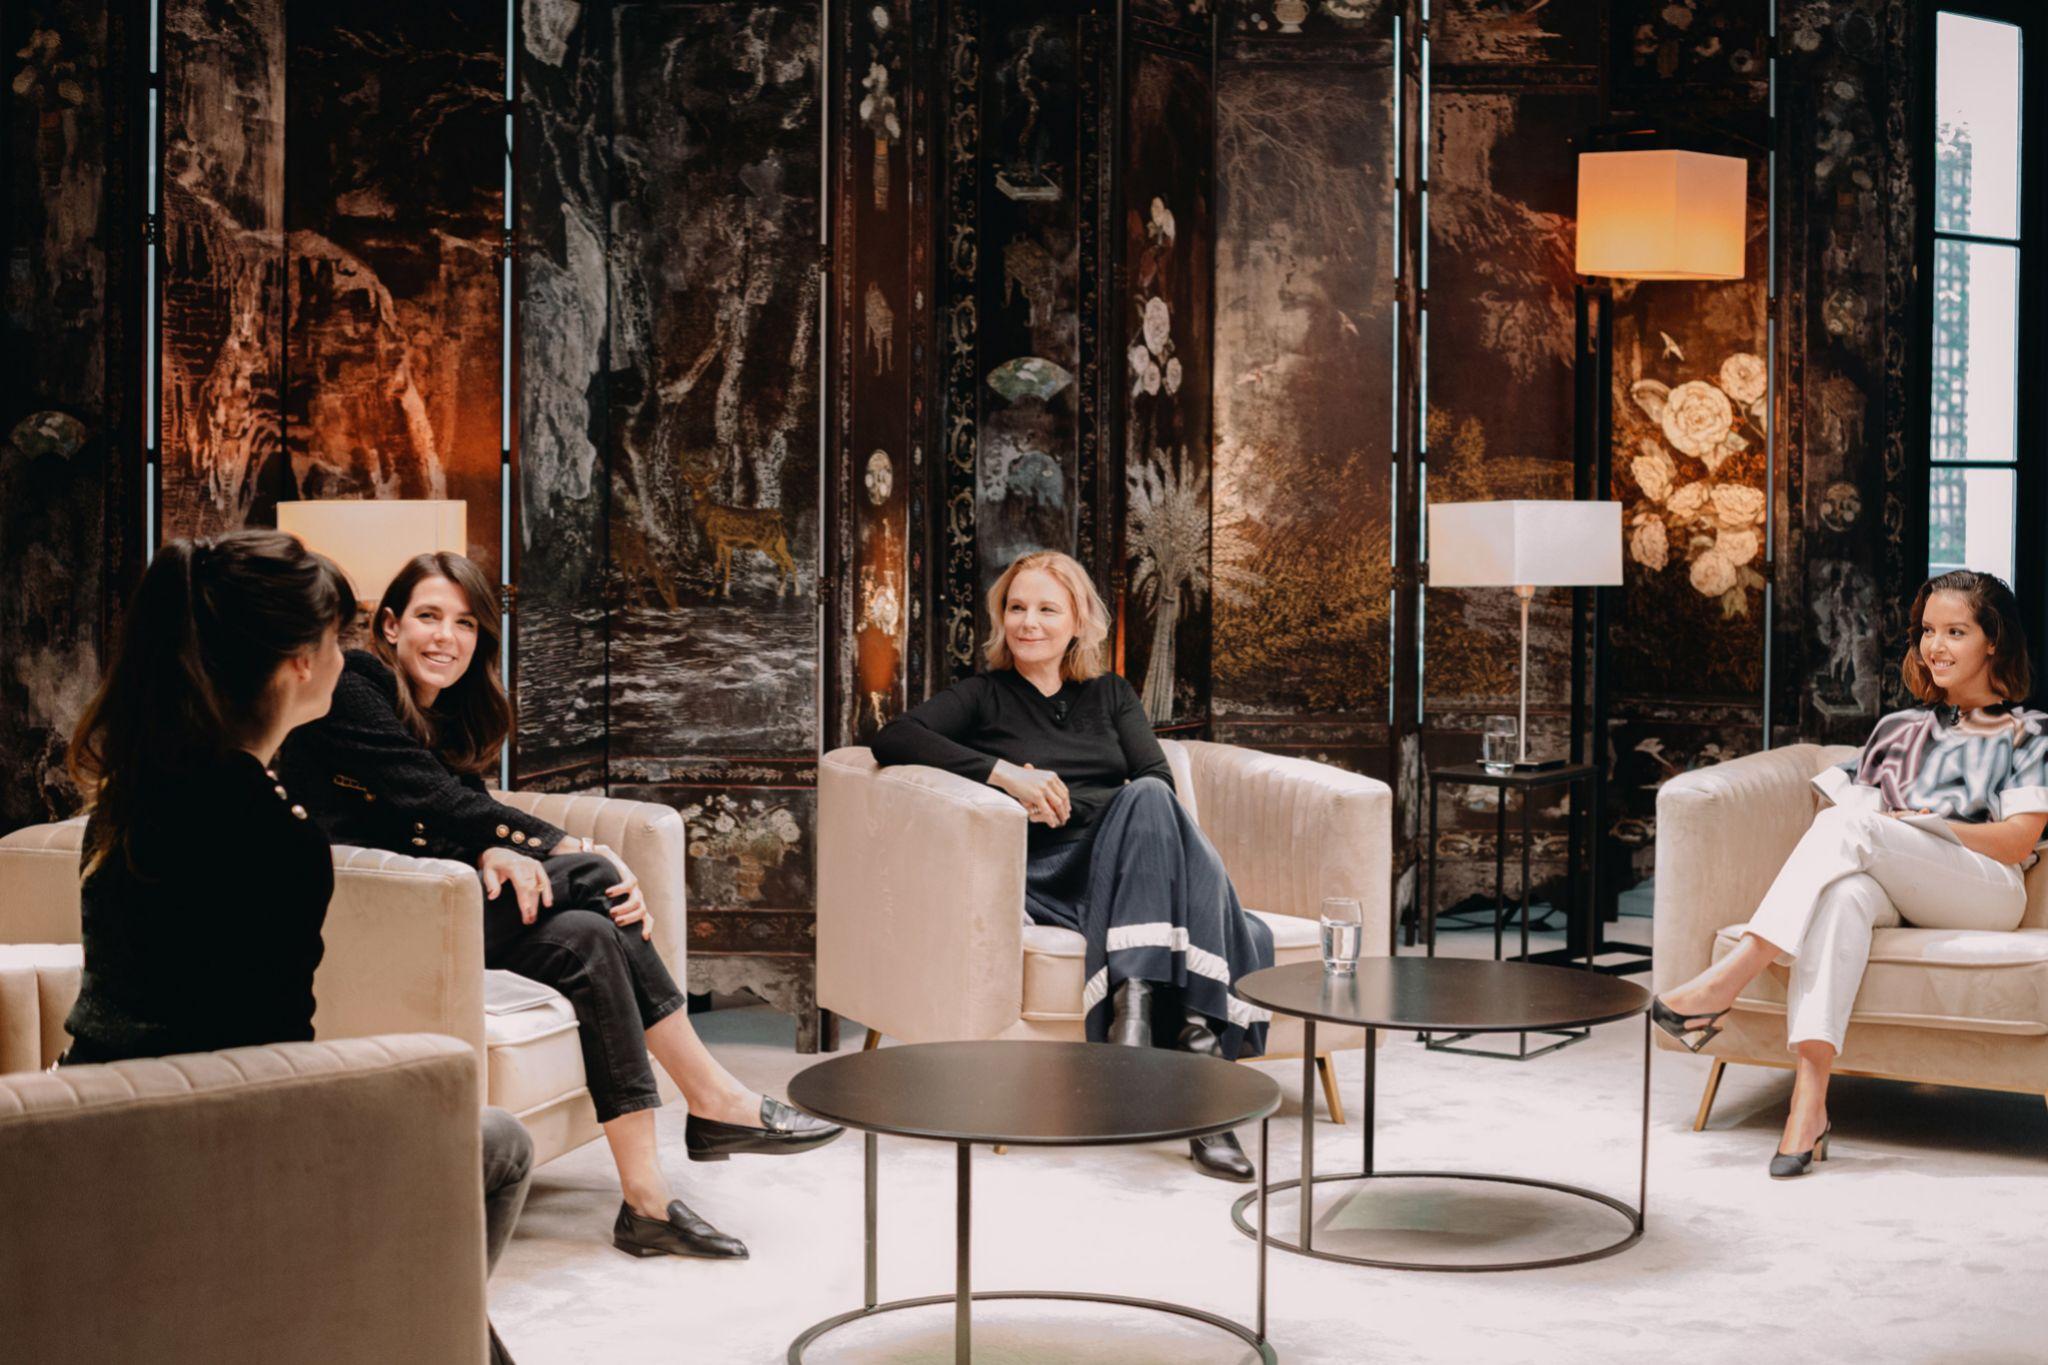 Carlota en el club literario de Chanel